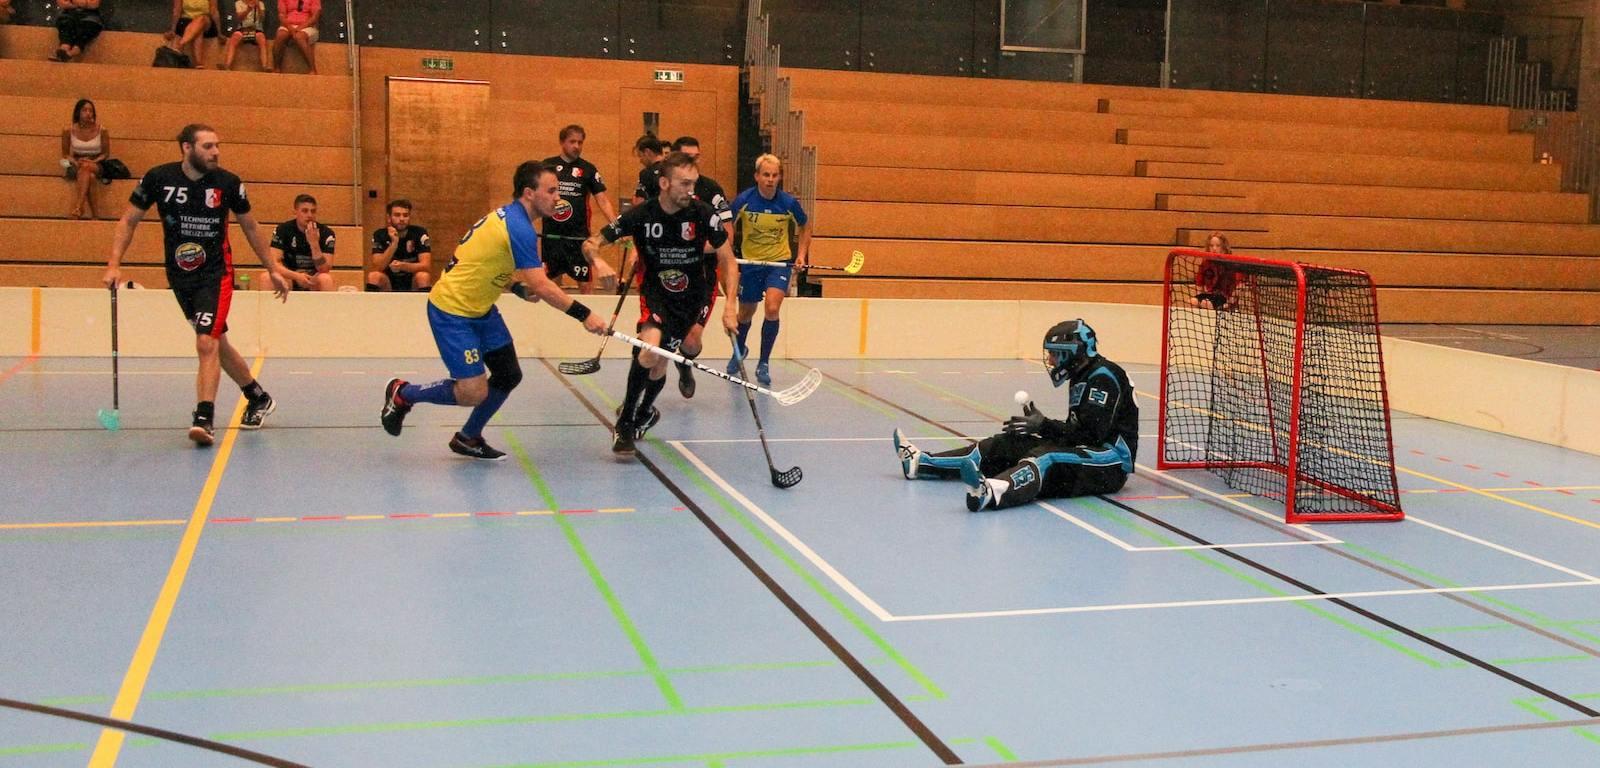 Ligacup 2021: Goalie Manuel Vetter (Herren 1) pariert einen Angriff.